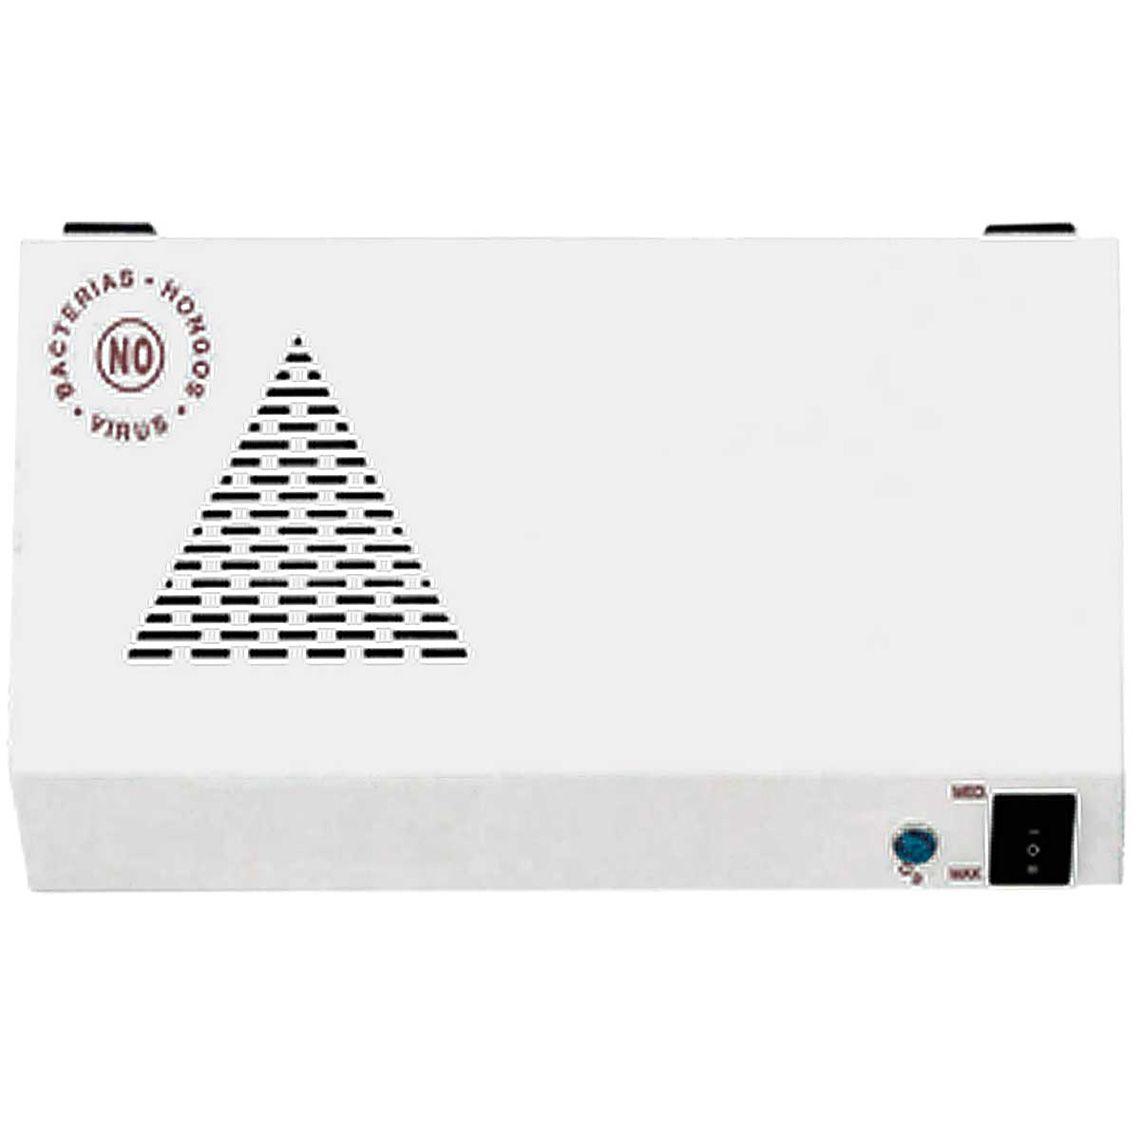 Generador de ozono GEO-48-SD